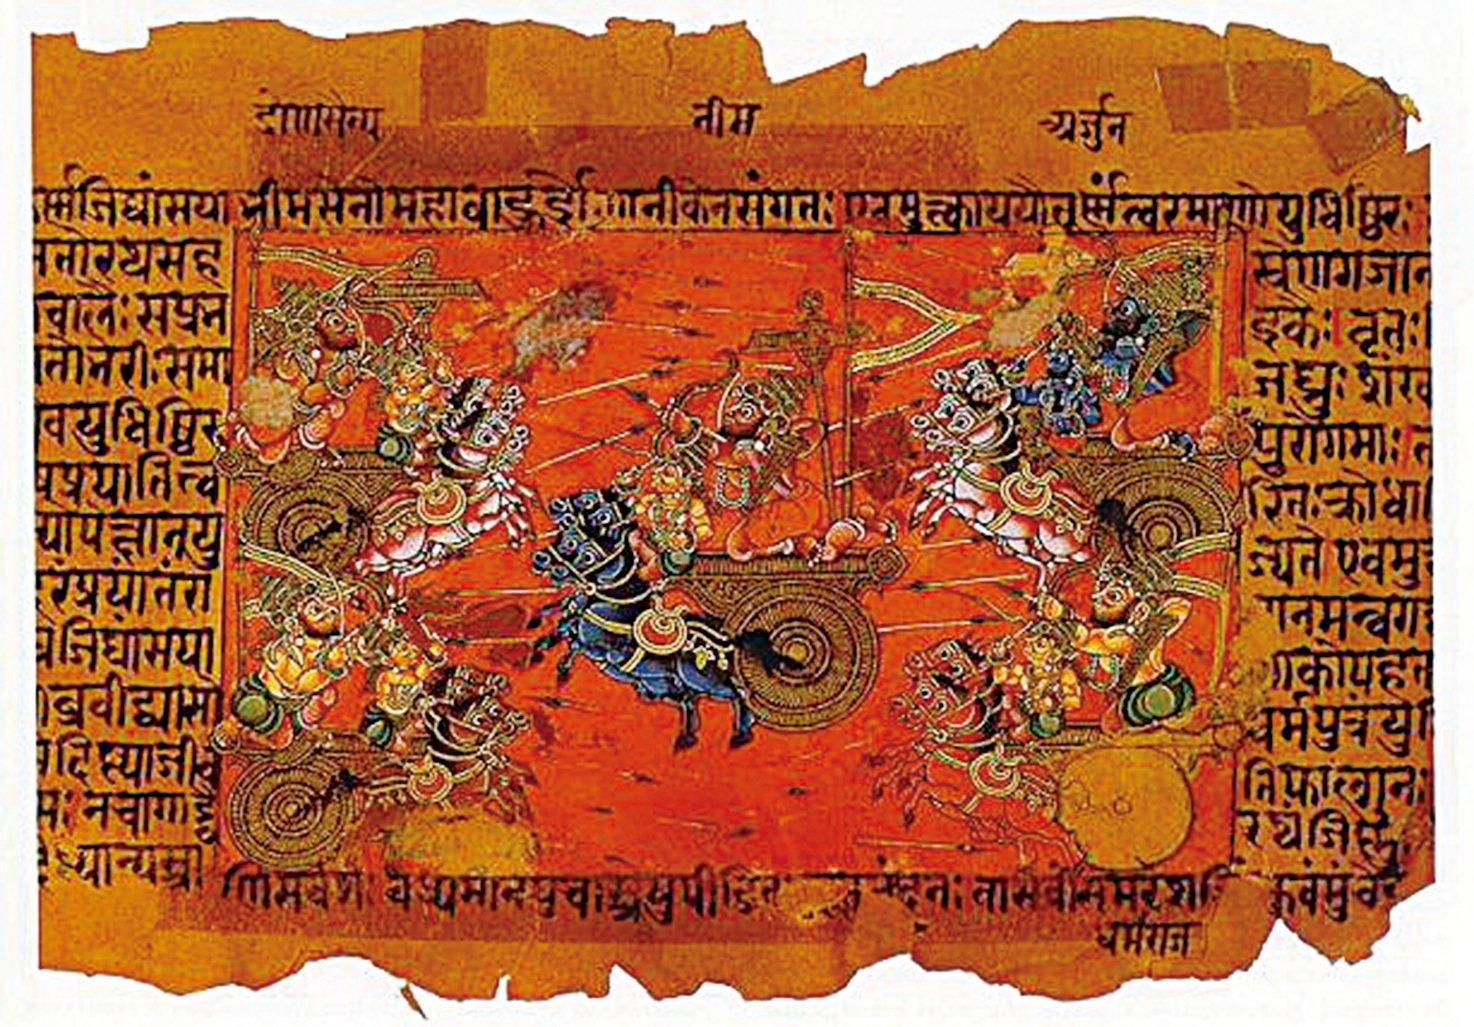 《摩訶波羅多》中描繪俱盧之戰的手卷插圖。(維基百科)